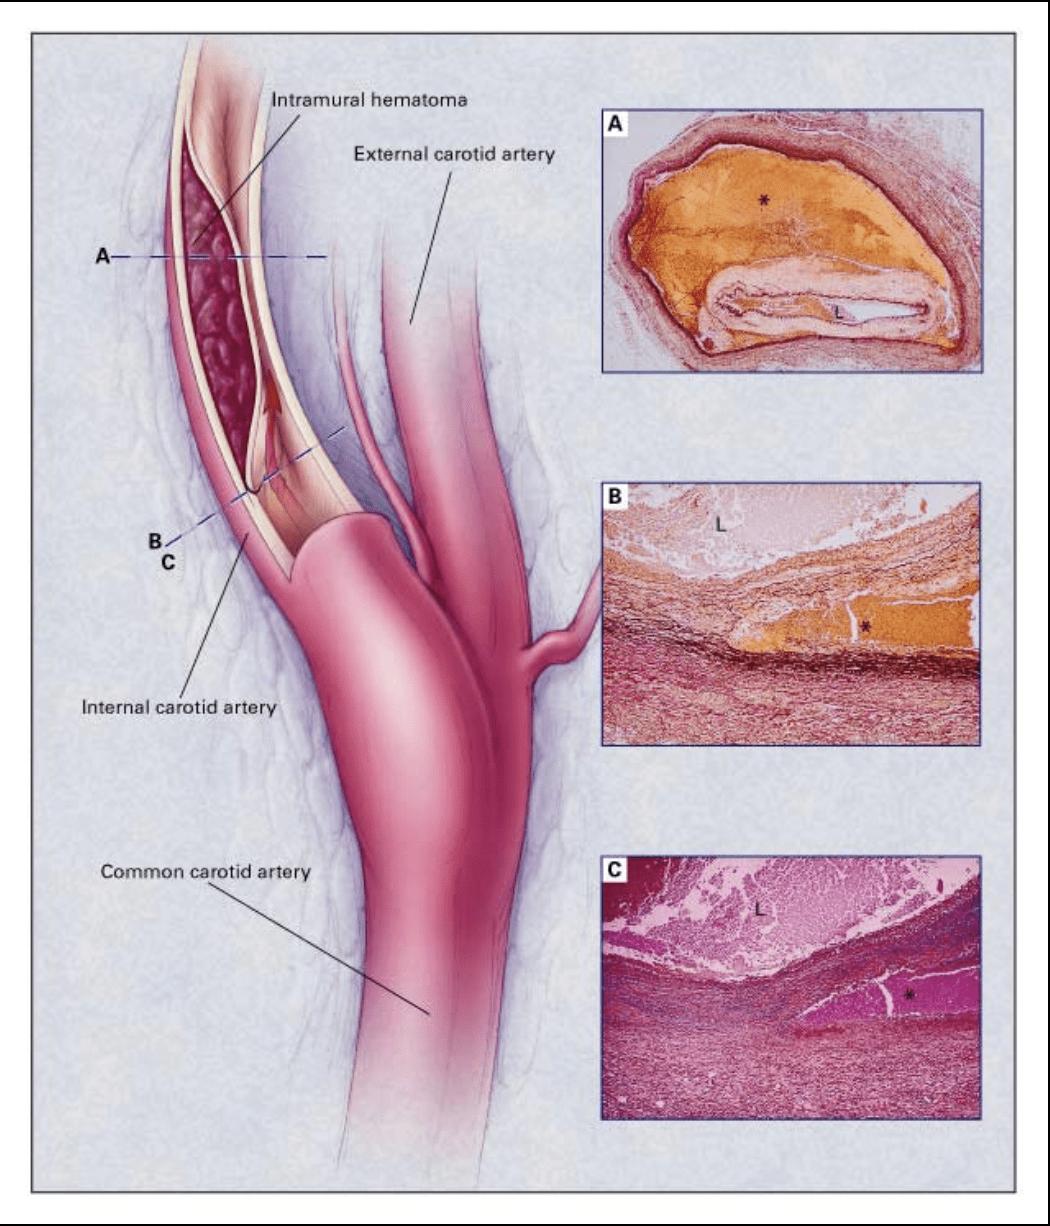 Intramural hematoma